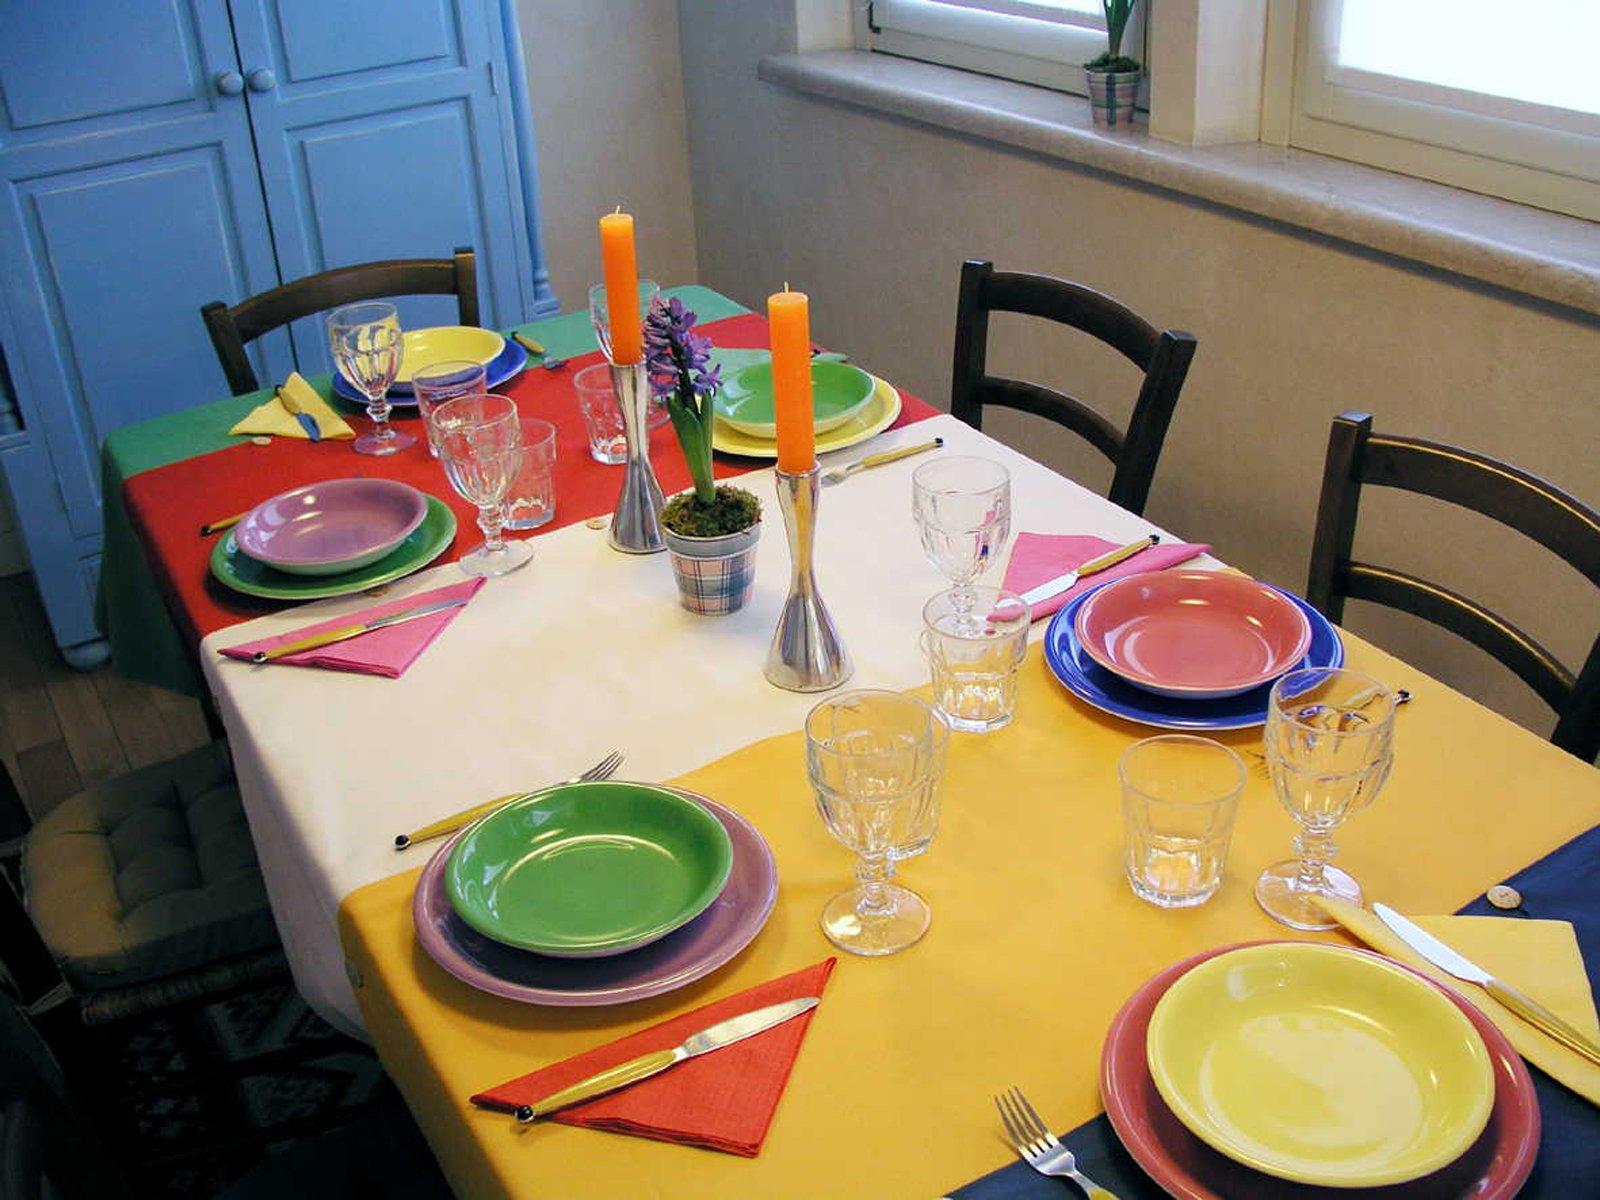 Tovagliette e runner per la tavola a colori cose di casa - Tovaglie da tavola moderne ...